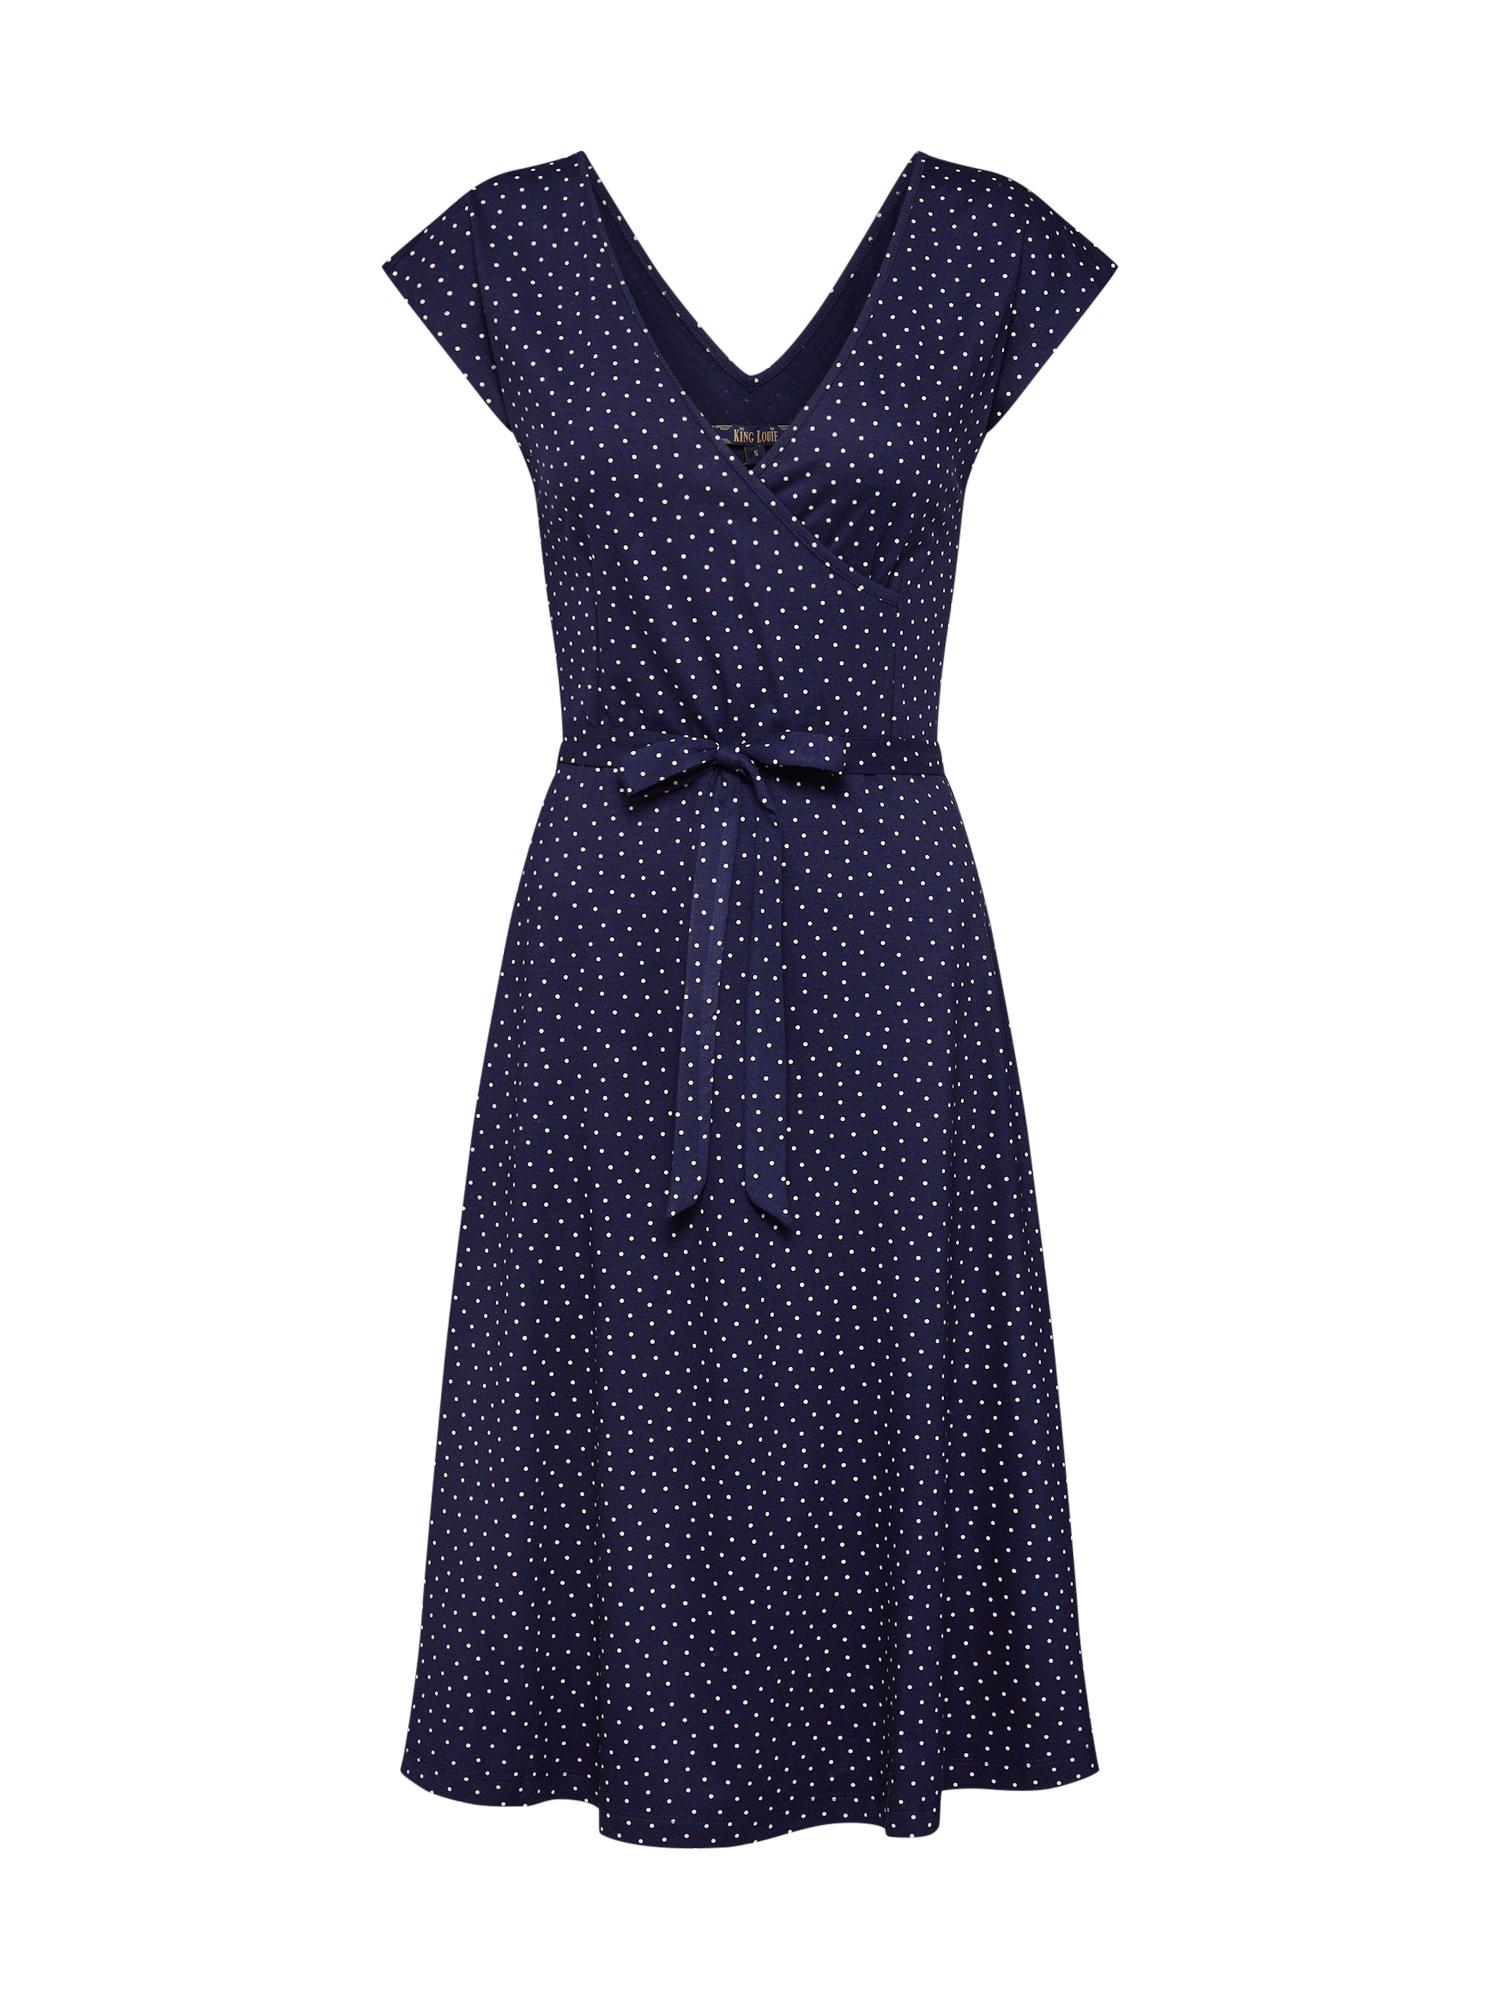 Šaty Mira Dress Little Dots tmavě modrá King Louie